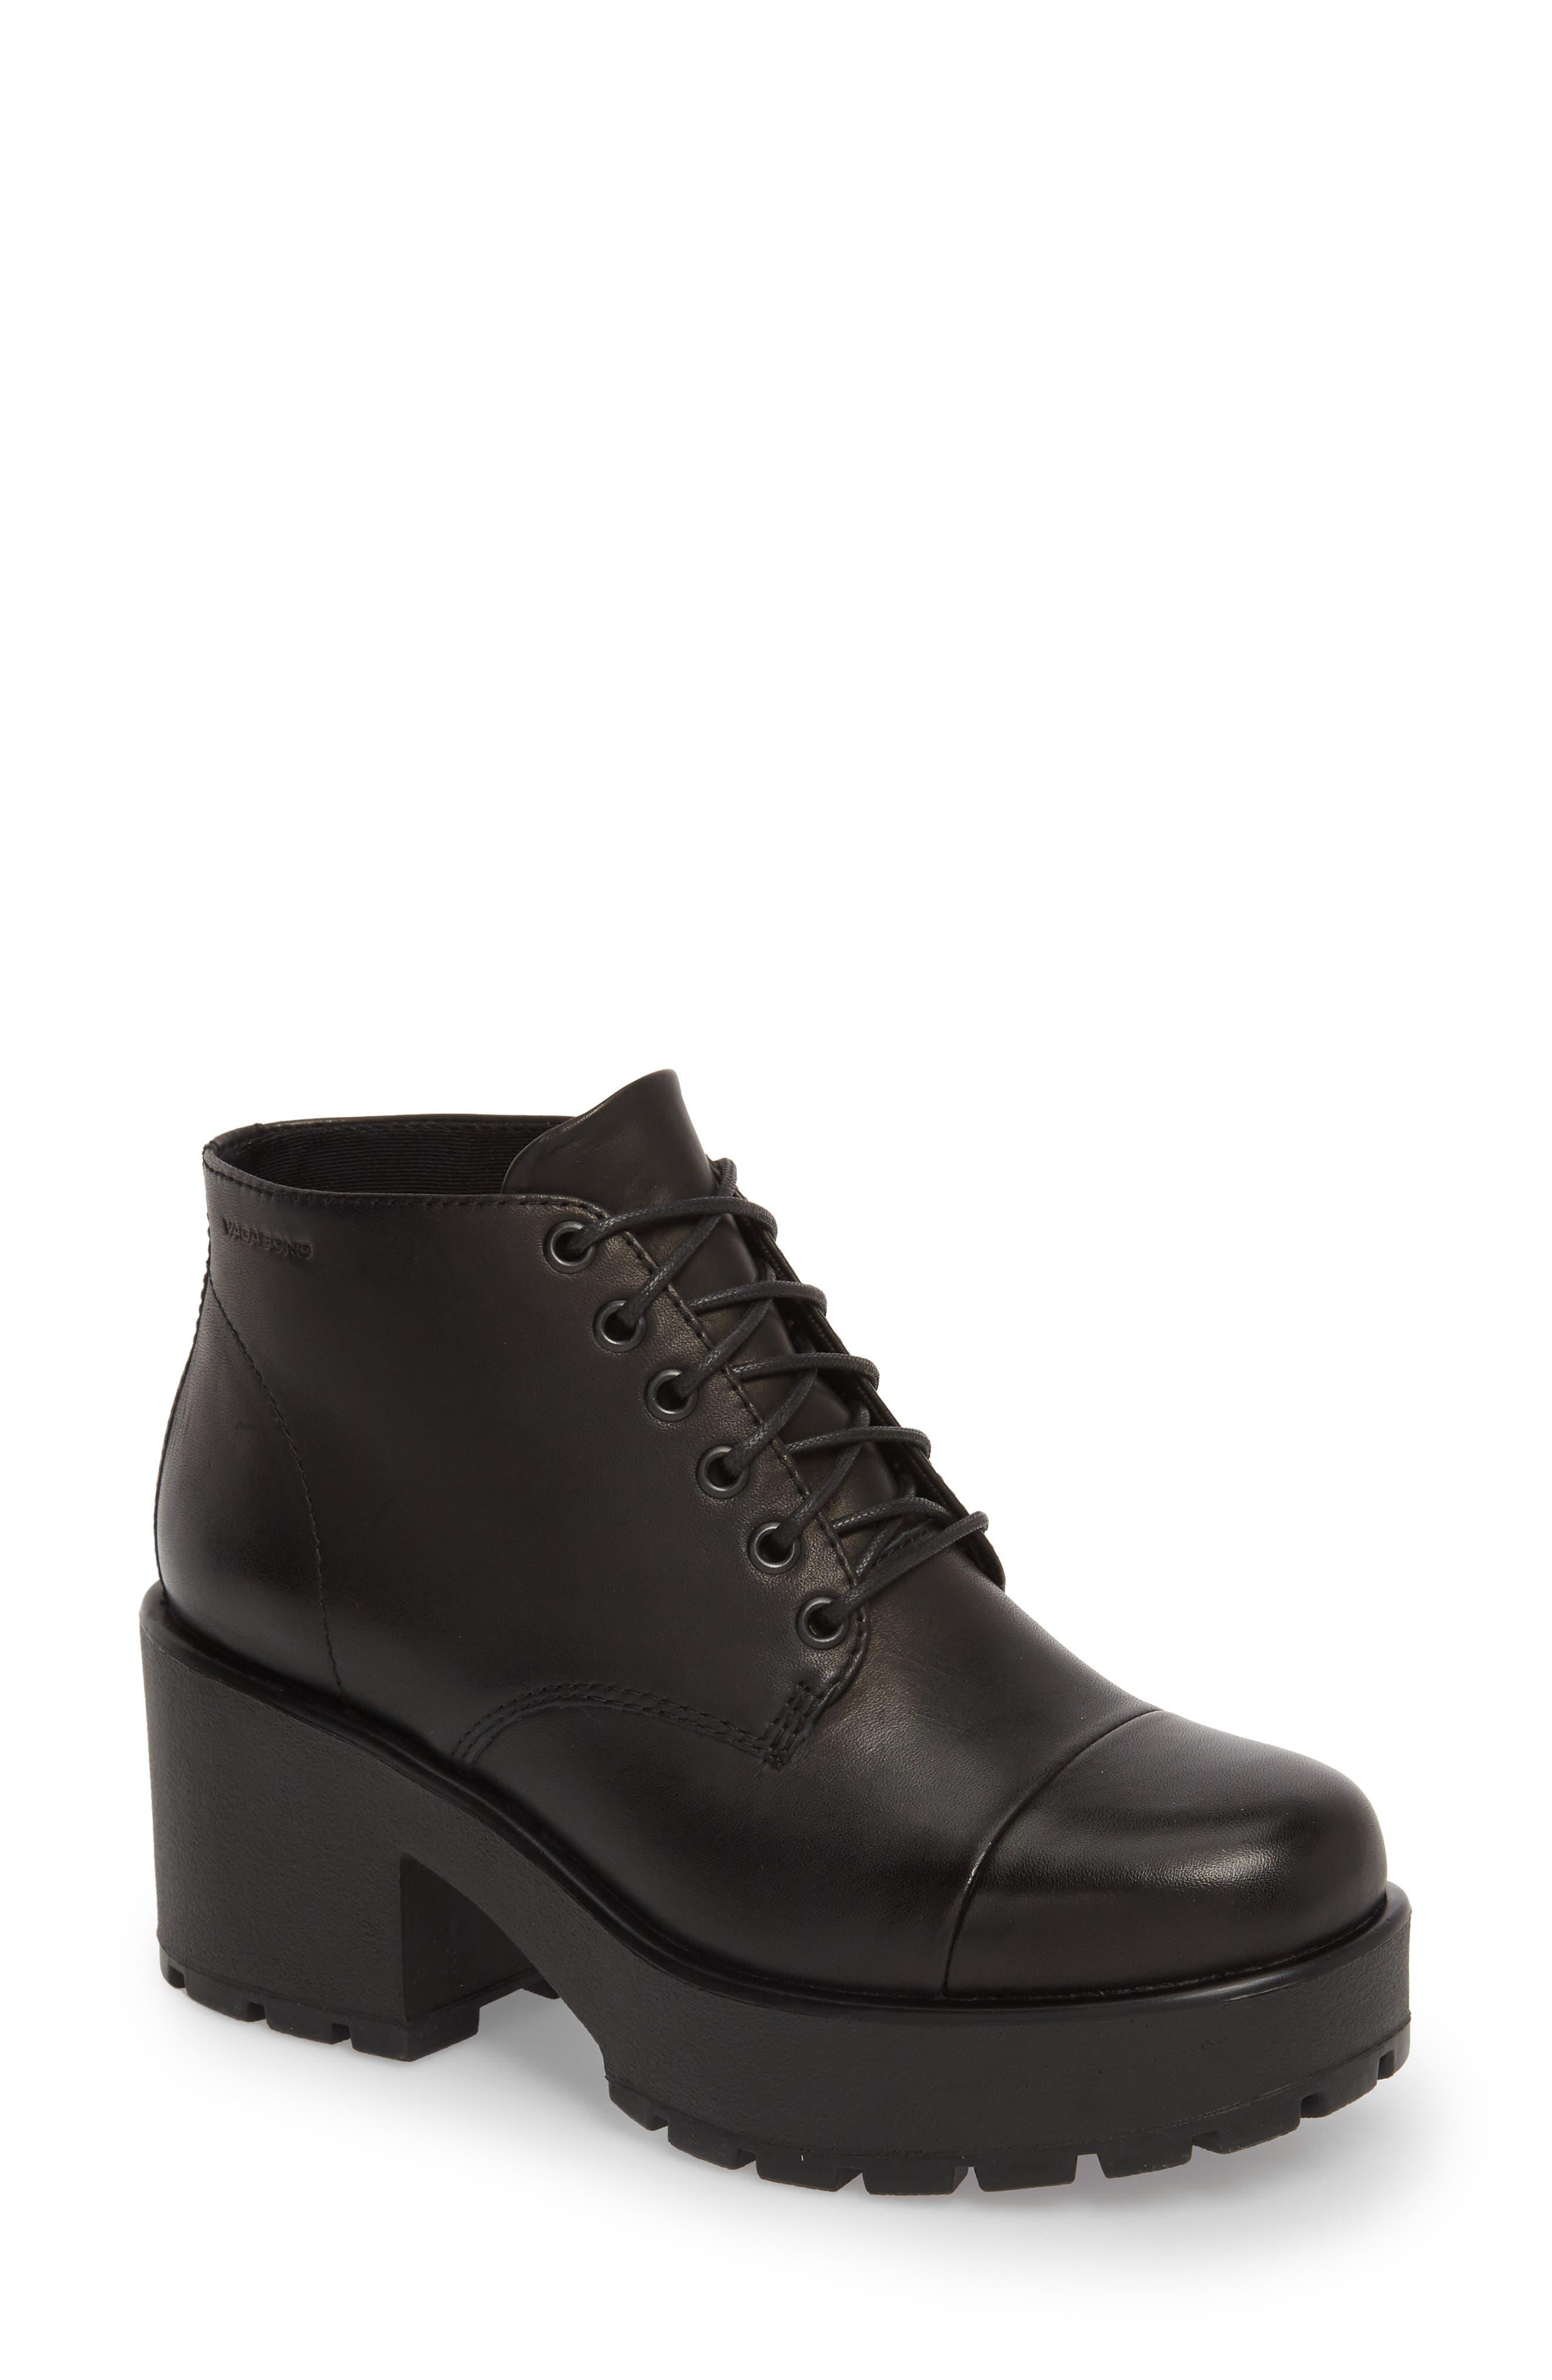 VAGABOND,                             Shoemakers Dioon Cap Toe Bootie,                             Main thumbnail 1, color,                             BLACK LEATHER